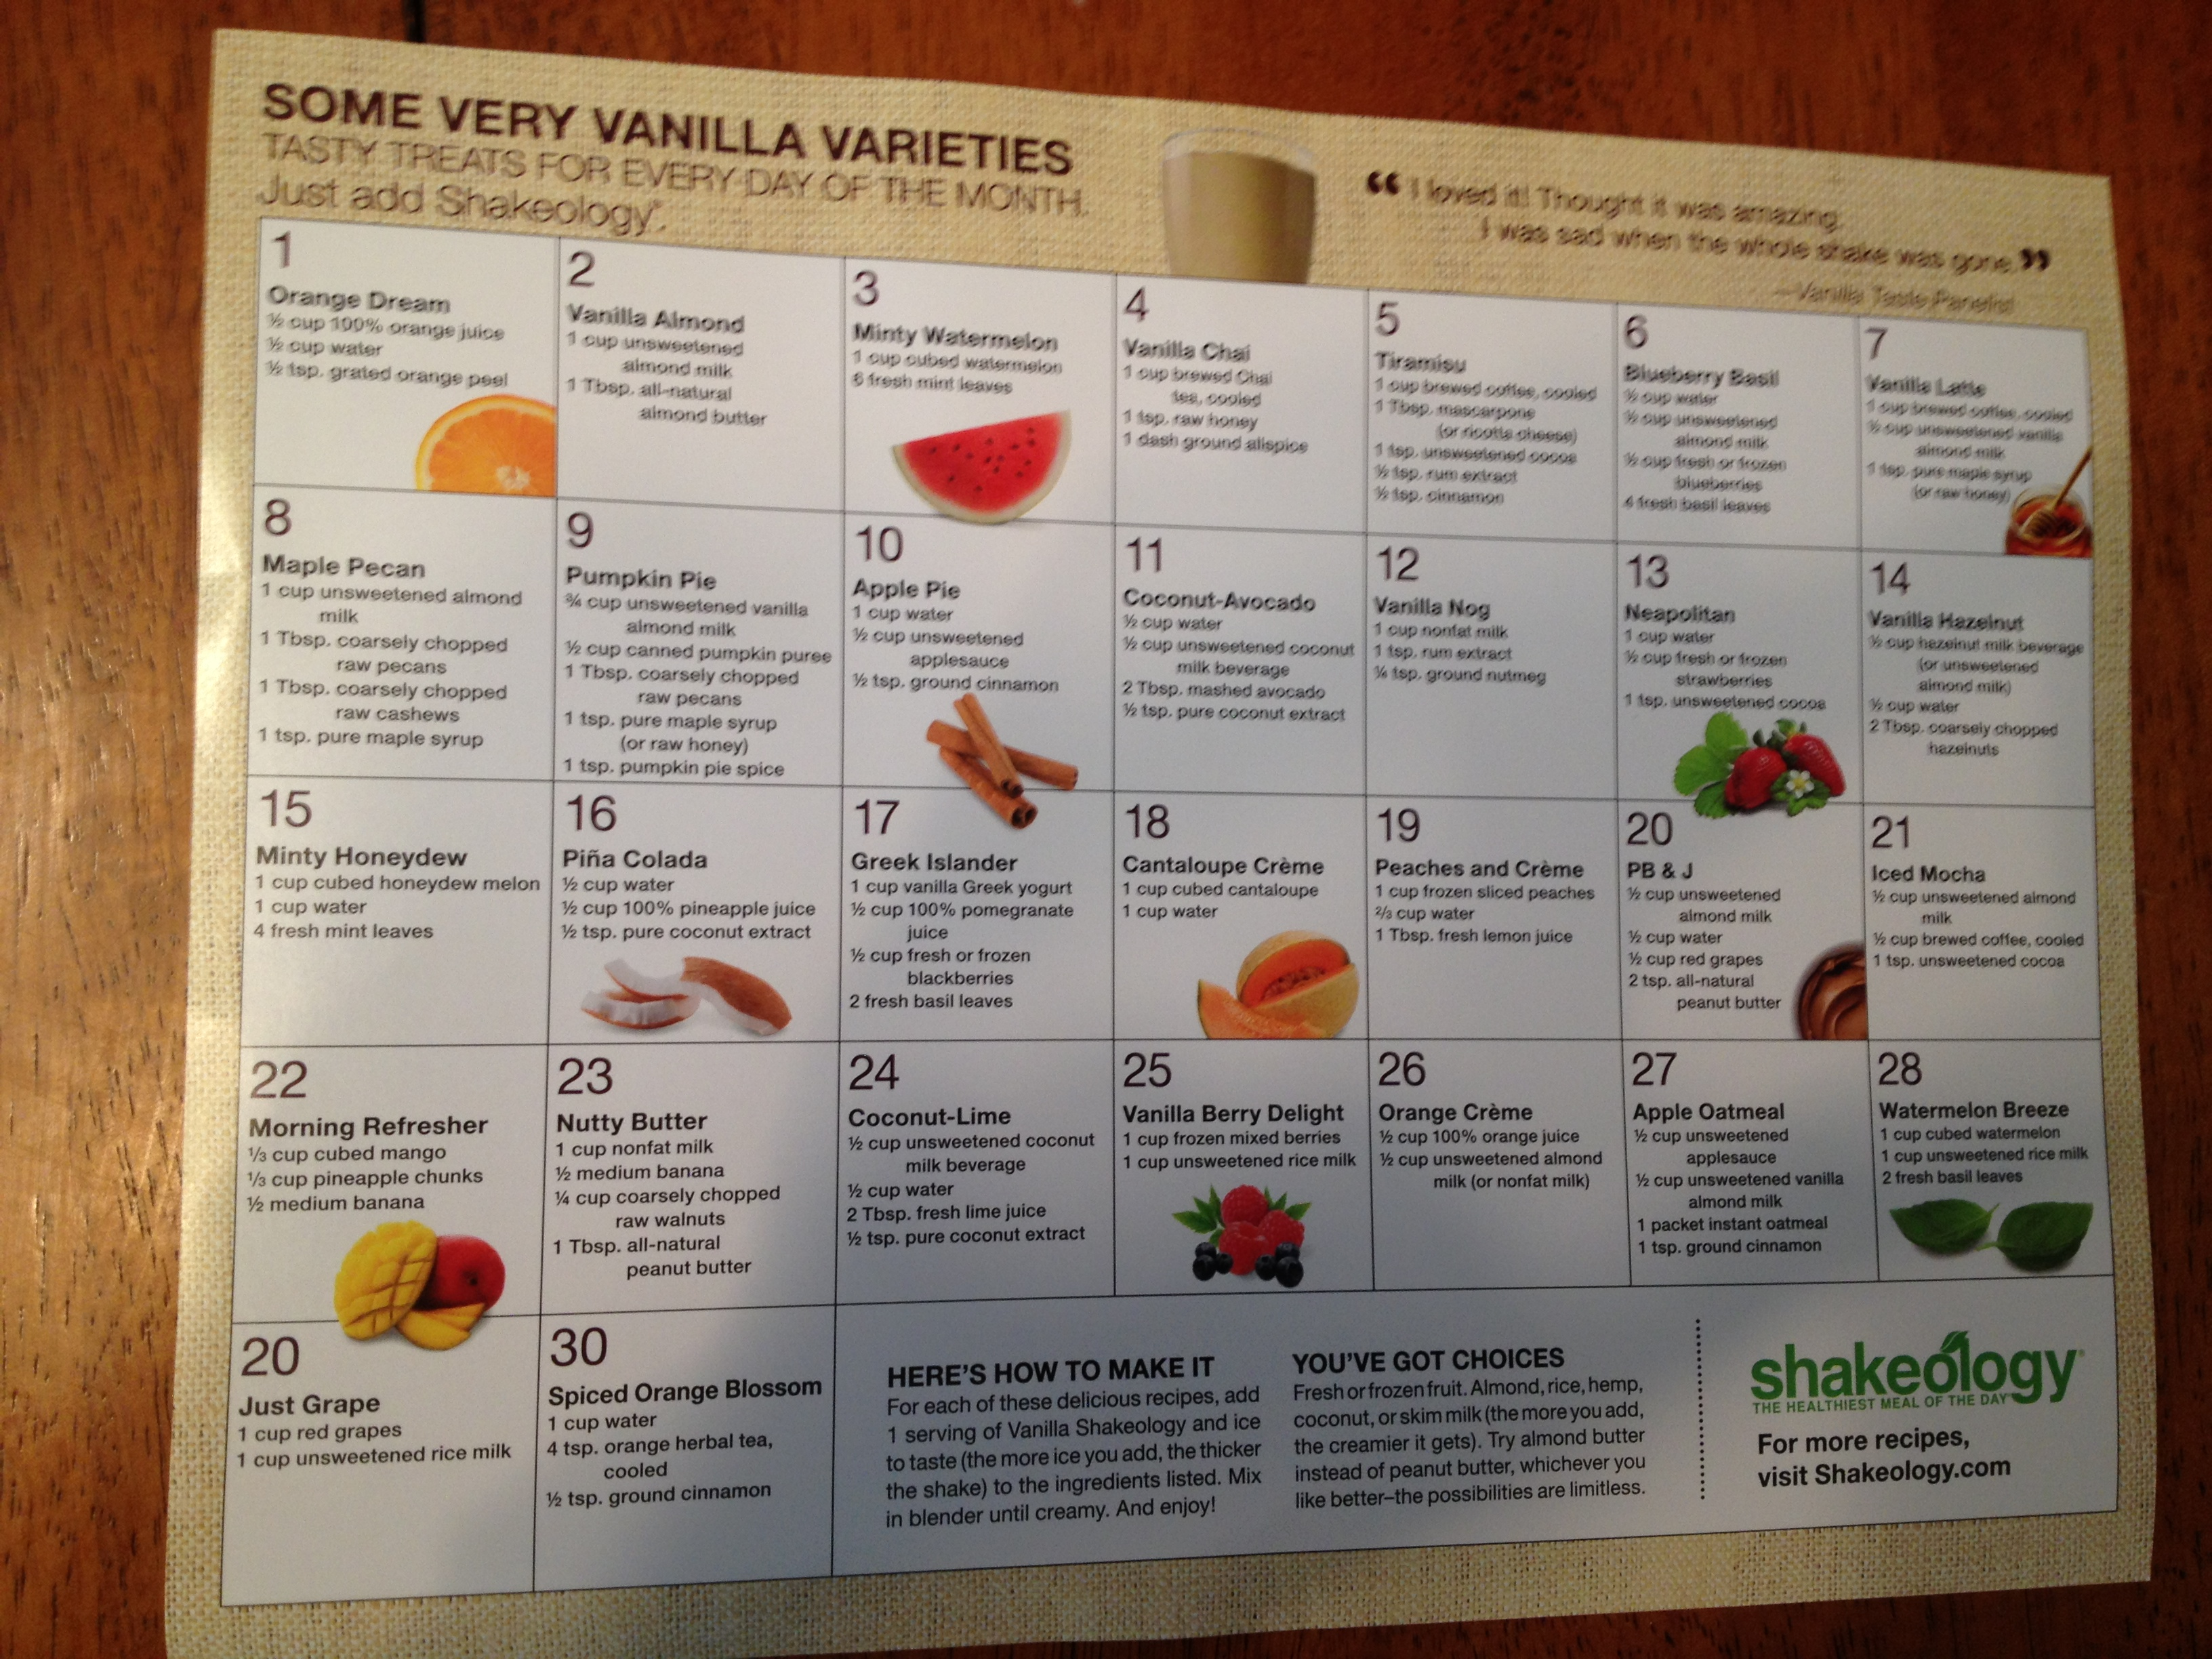 Vanilla Shakeology Recipes